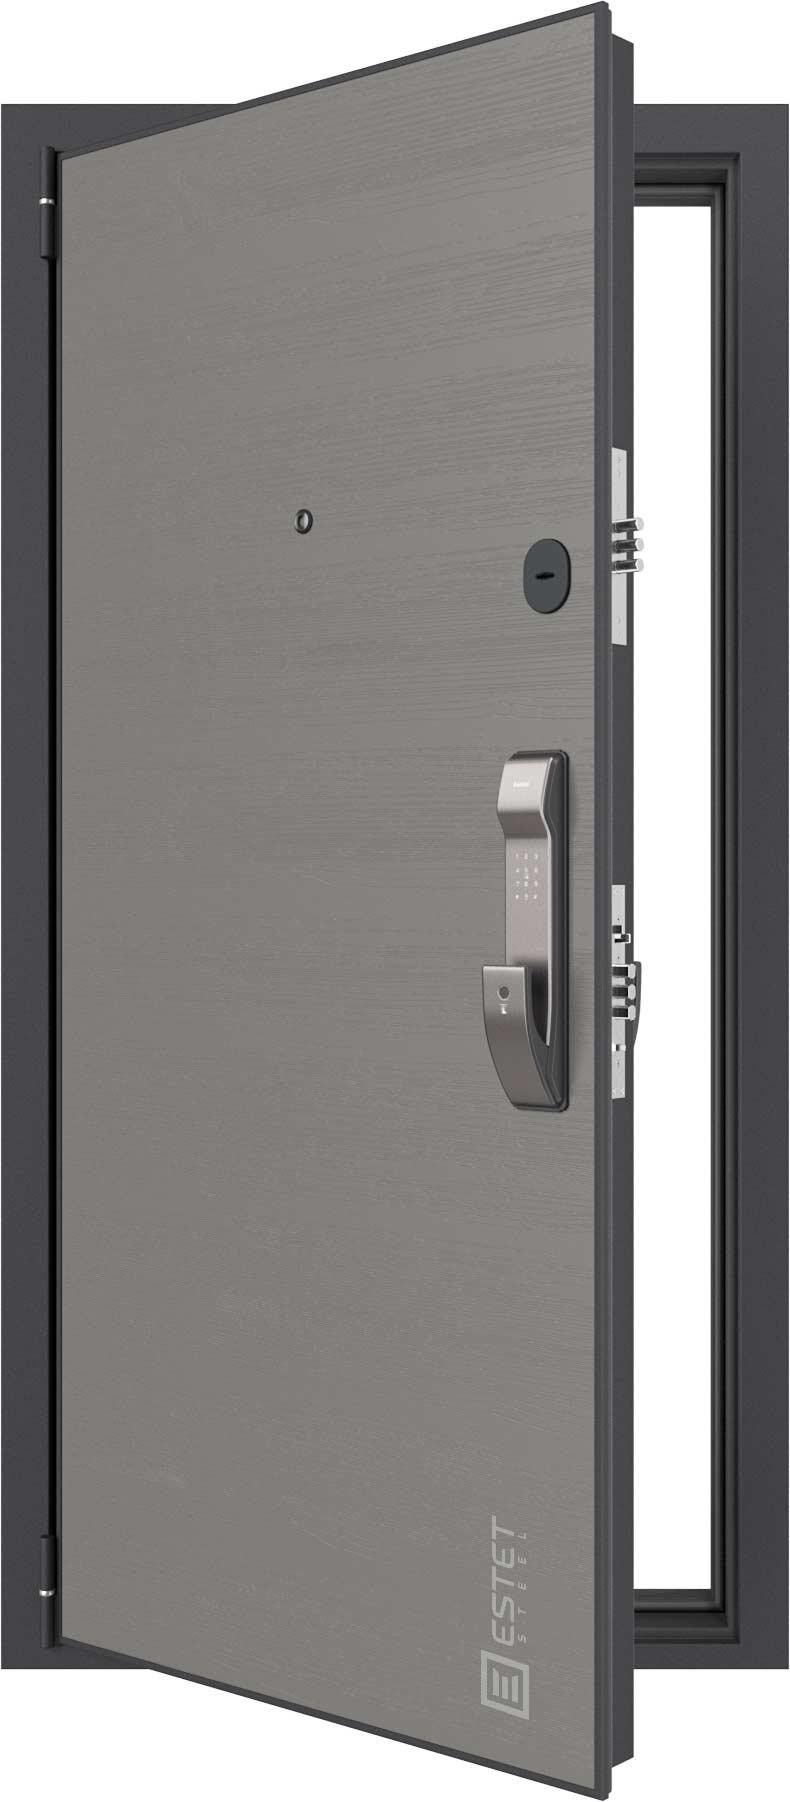 Входная дверь Дверь Лофт SMART 8.2 с электронным замком